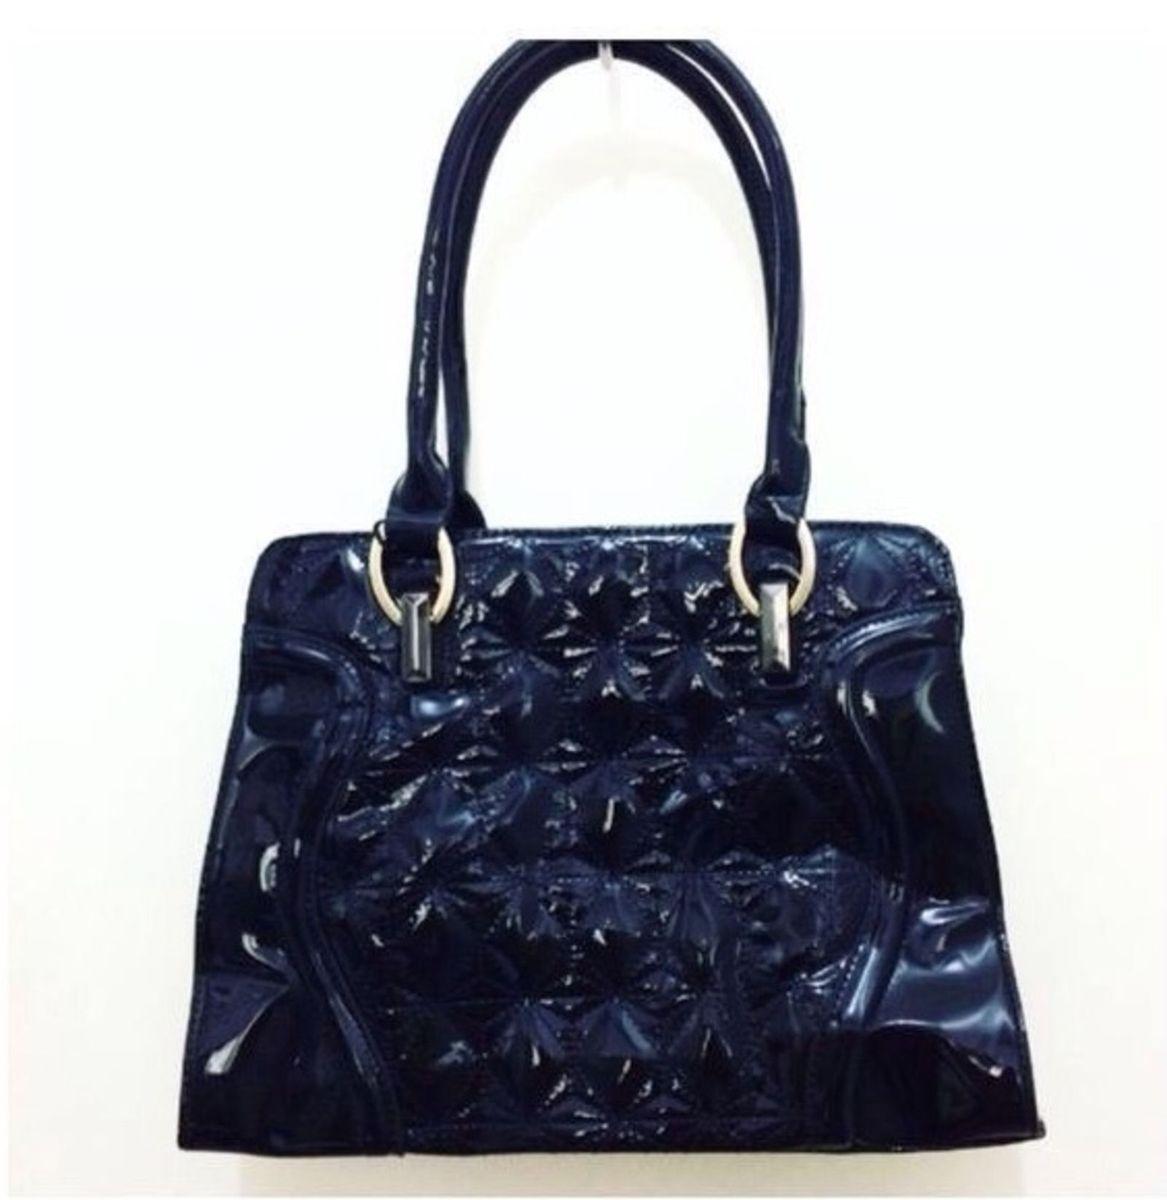 7dd08d5a1 bolsa preta fashion queen - ombro fashion-queen.  Czm6ly9wag90b3muzw5qb2vplmnvbs5ici9wcm9kdwn0cy85ote5mtm3l2iynjmyoge5ymq1mgm4zgu2mtewmjnlymq4mjnmm2fklmpwzw